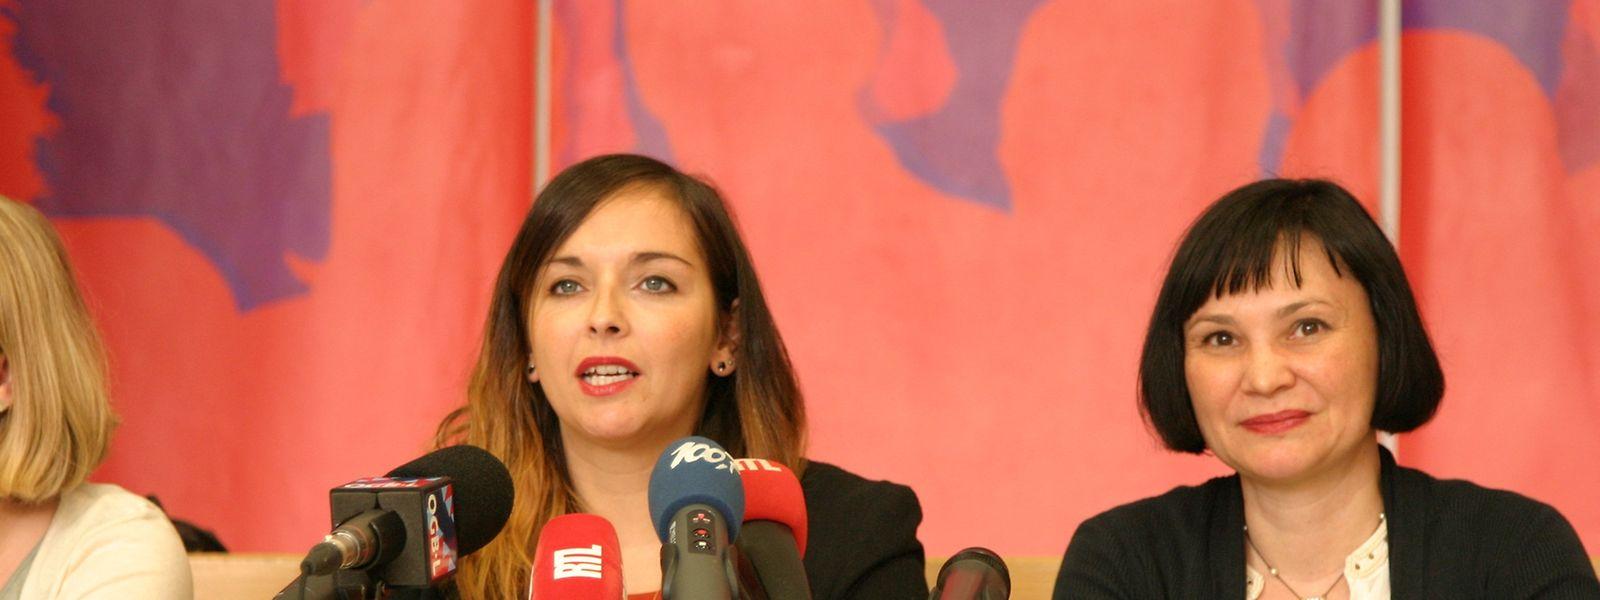 Nora Back, secrétaire centrale du Syndicat Santé, Services sociaux et éducatifs de l'OGBL (à gauche): «Les Ententes patronales vont carrément contre les conditions de travail de leurs employés».